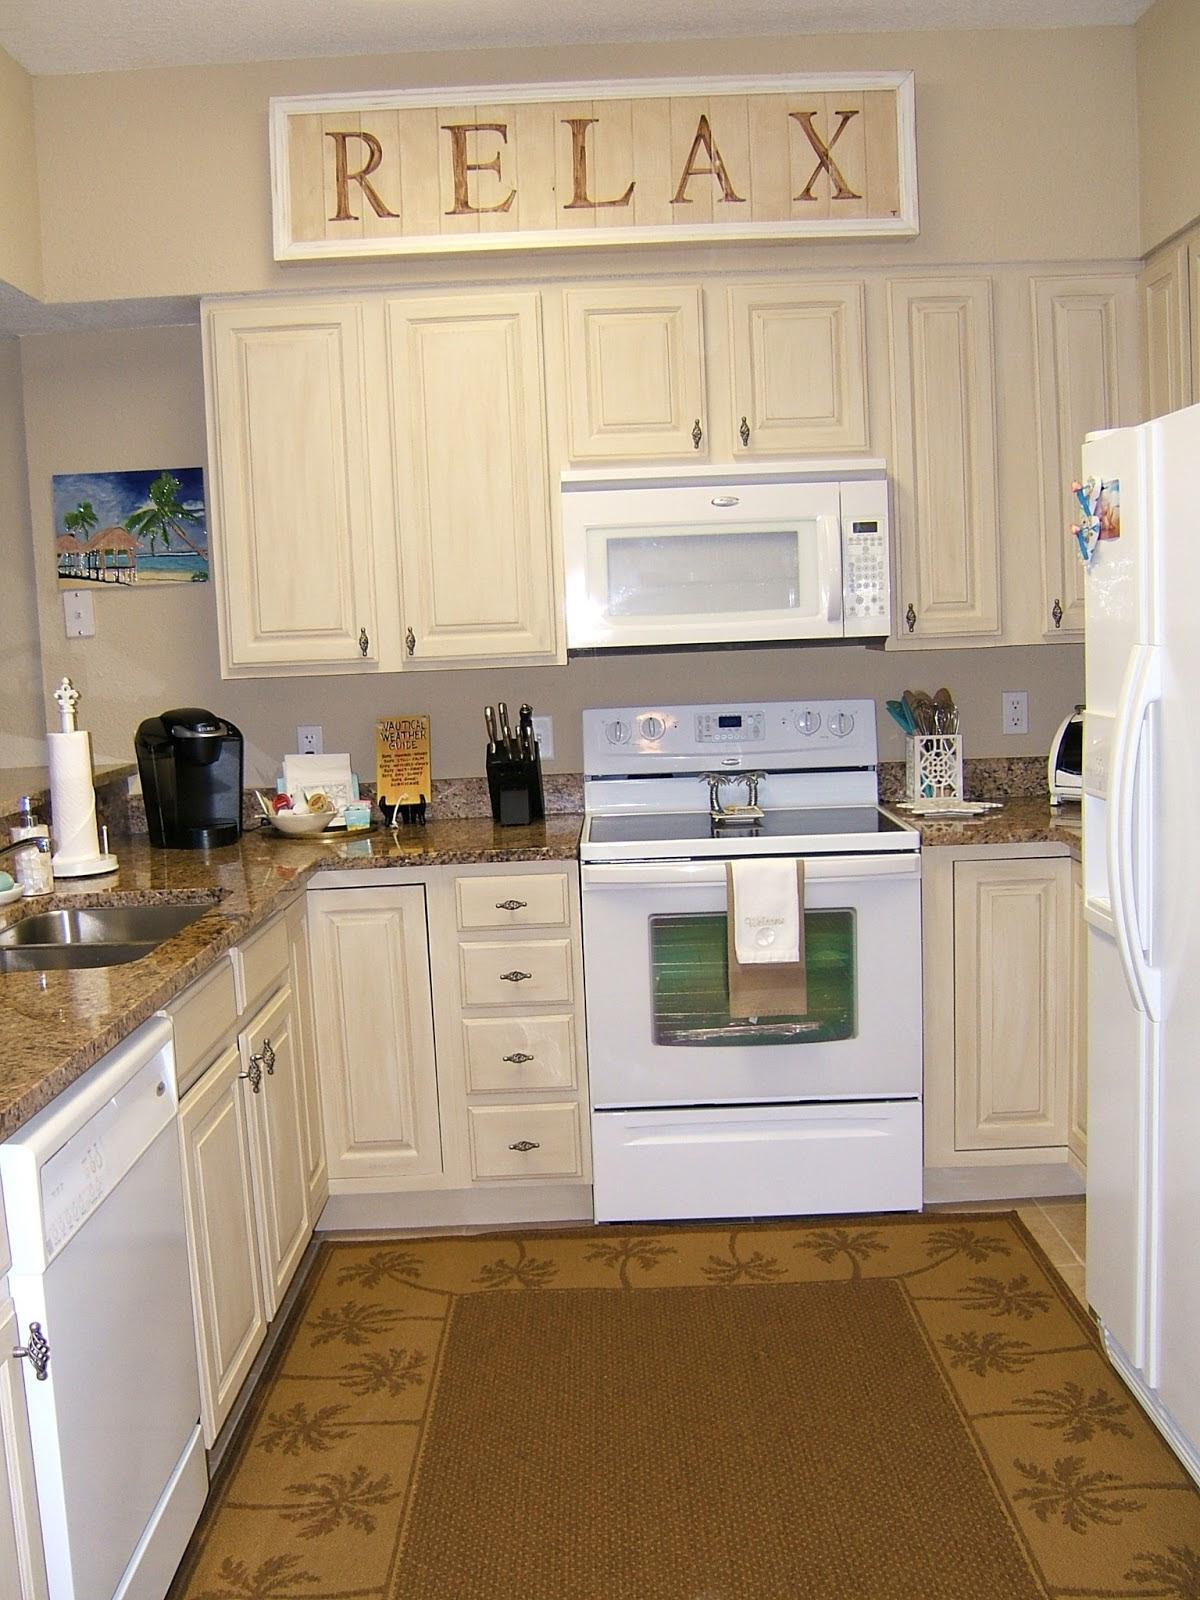 Kitchen Rug Ideas: Nay or Yea? - HomesFeed